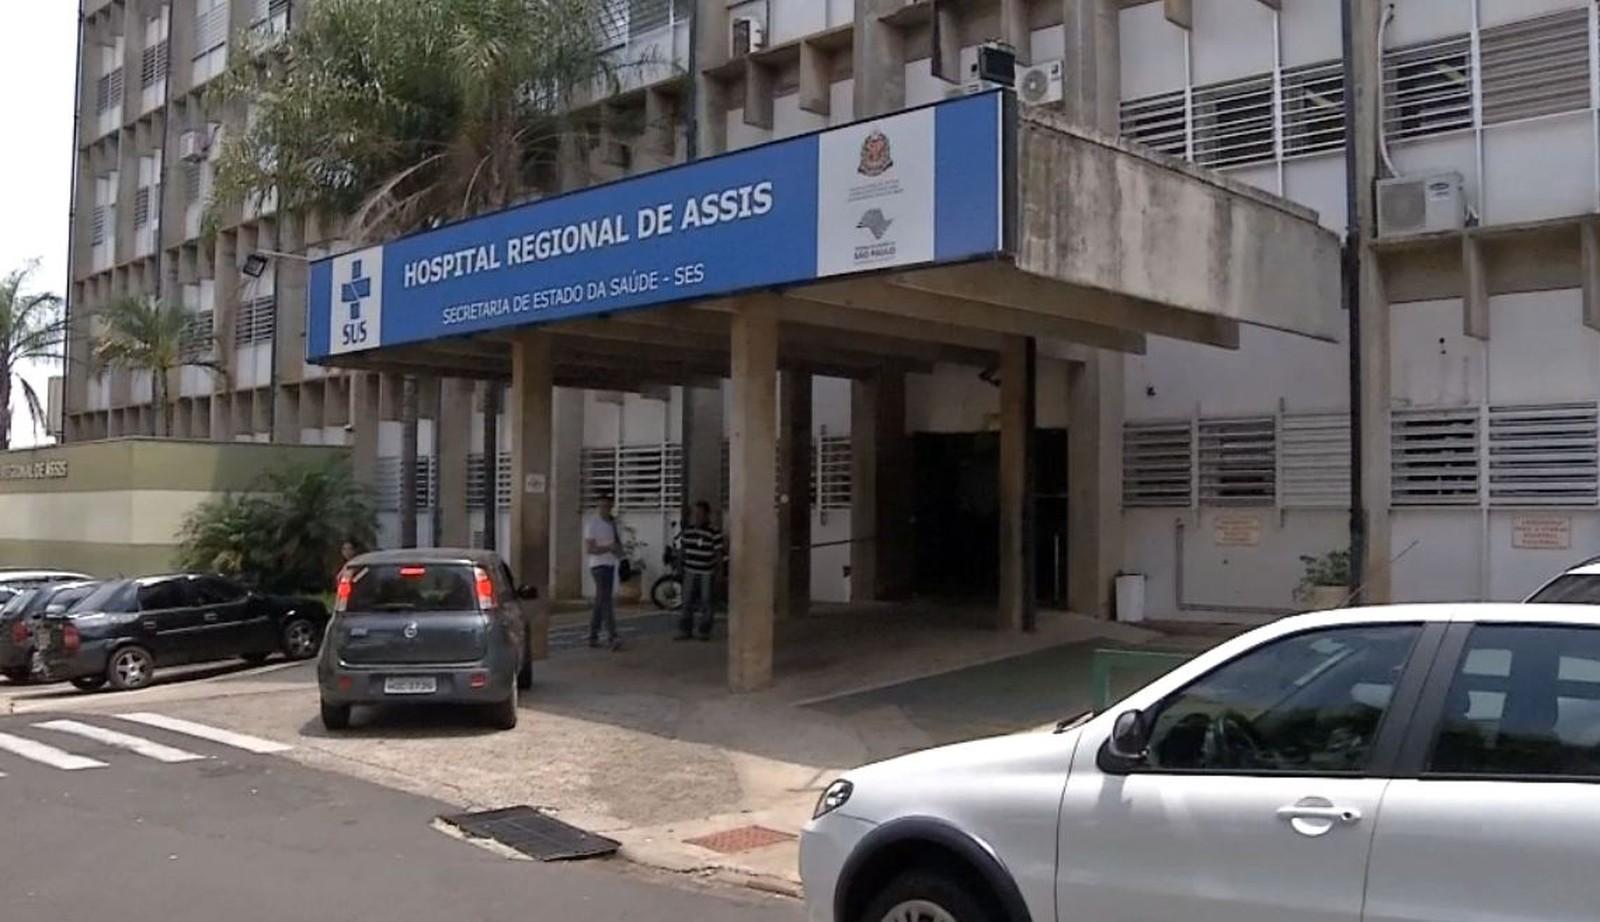 Pacientes oncológicos começarão a ser atendidos e encaminhados para o Regional a partir de setembro